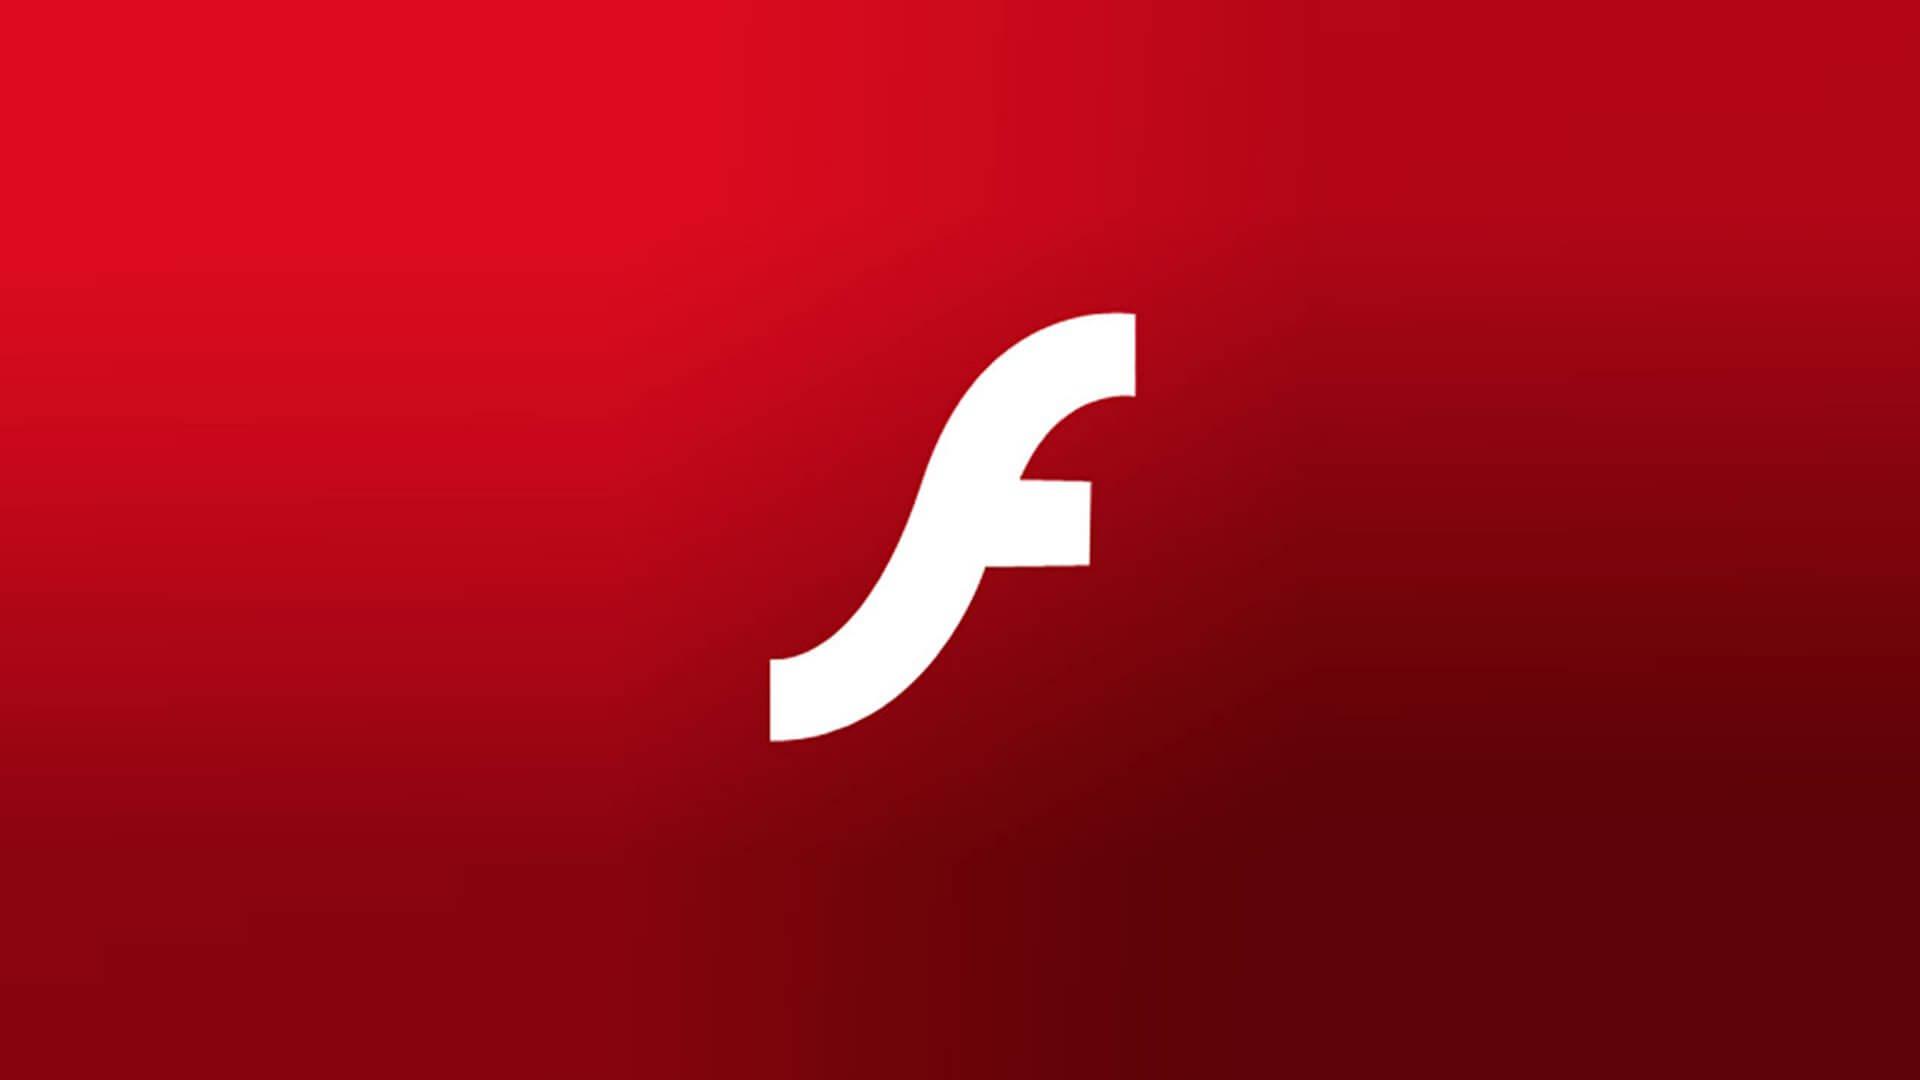 Adobe объявила, что прекратит поддержку Flash в 2020 году